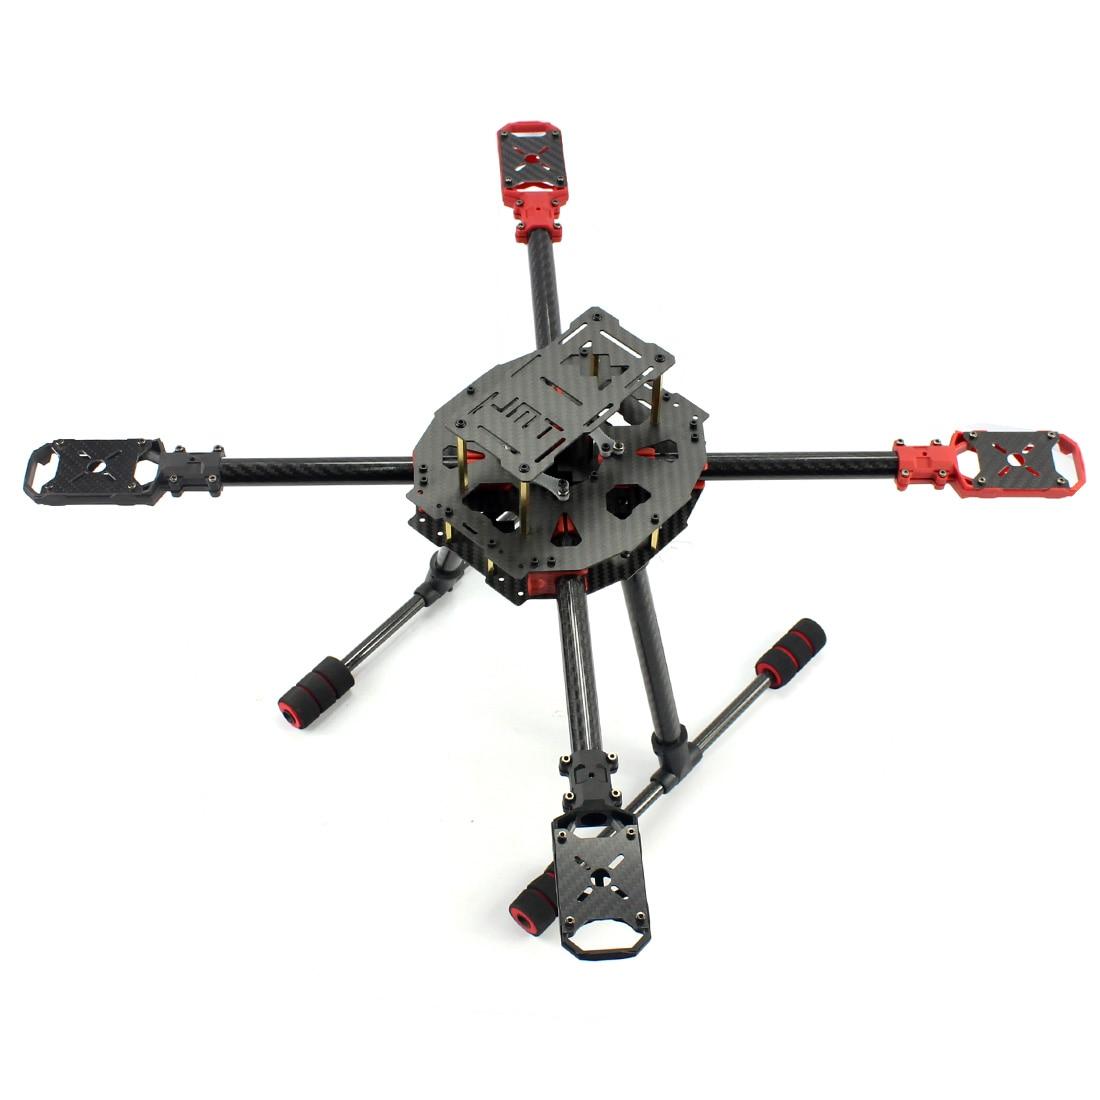 JMT J630 630mm fibre de carbone 4 axes pliable Rack cadre Kit haut atterrissage dérapage pour bricolage Drone RC Racer quadrirotor avion